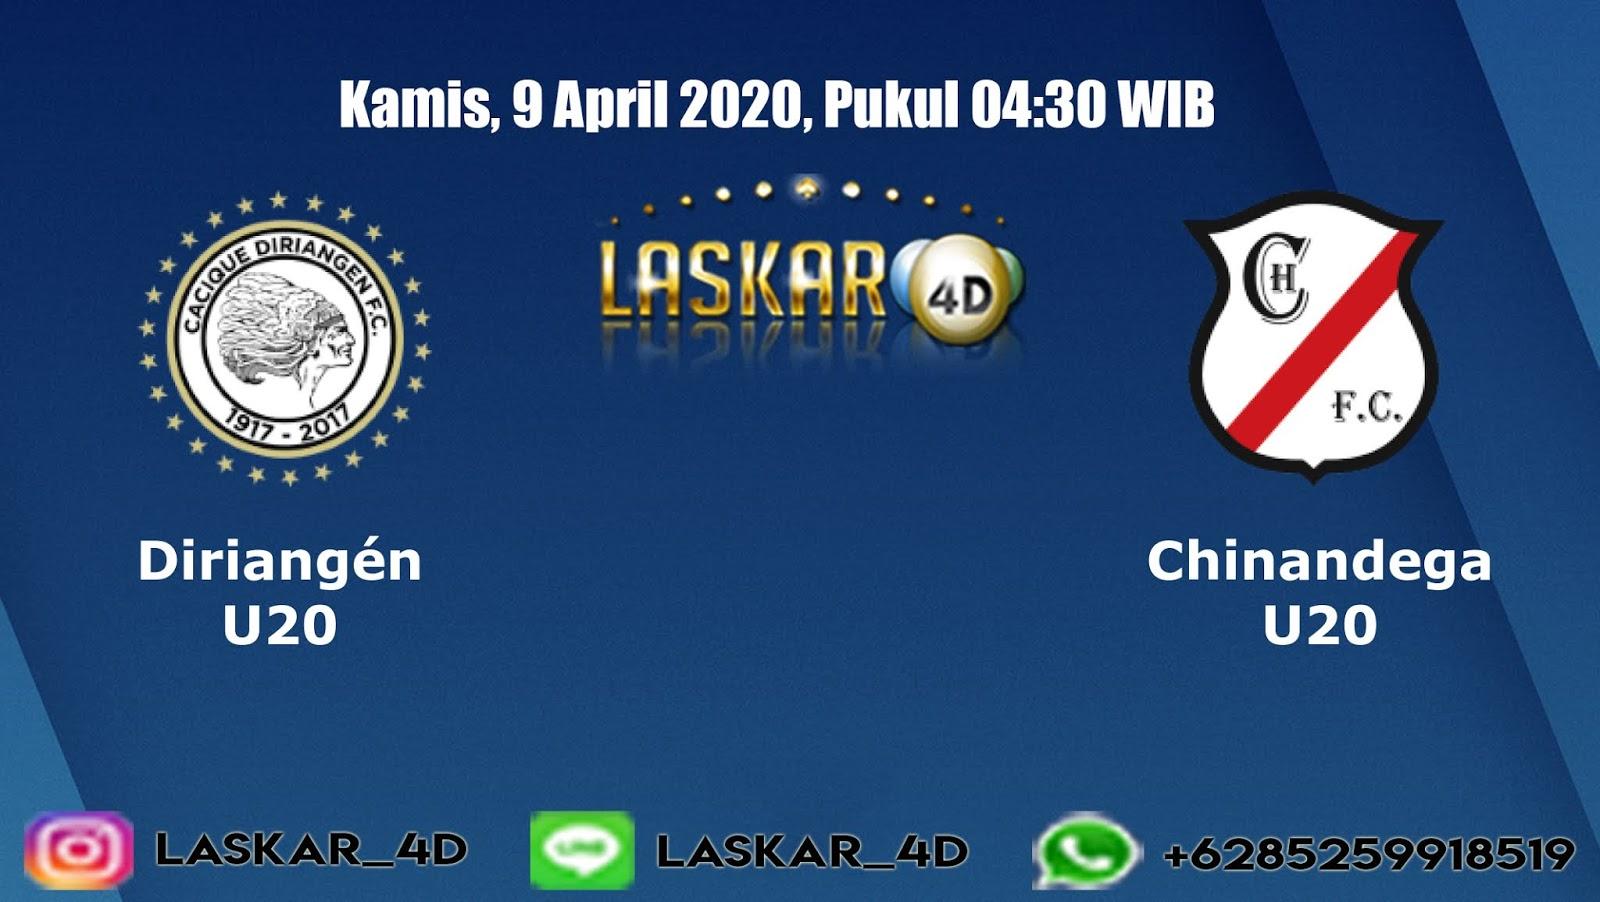 Prediksi Bola Diriangen U20 vs Chinandega U20 Kamis 09 April 2020